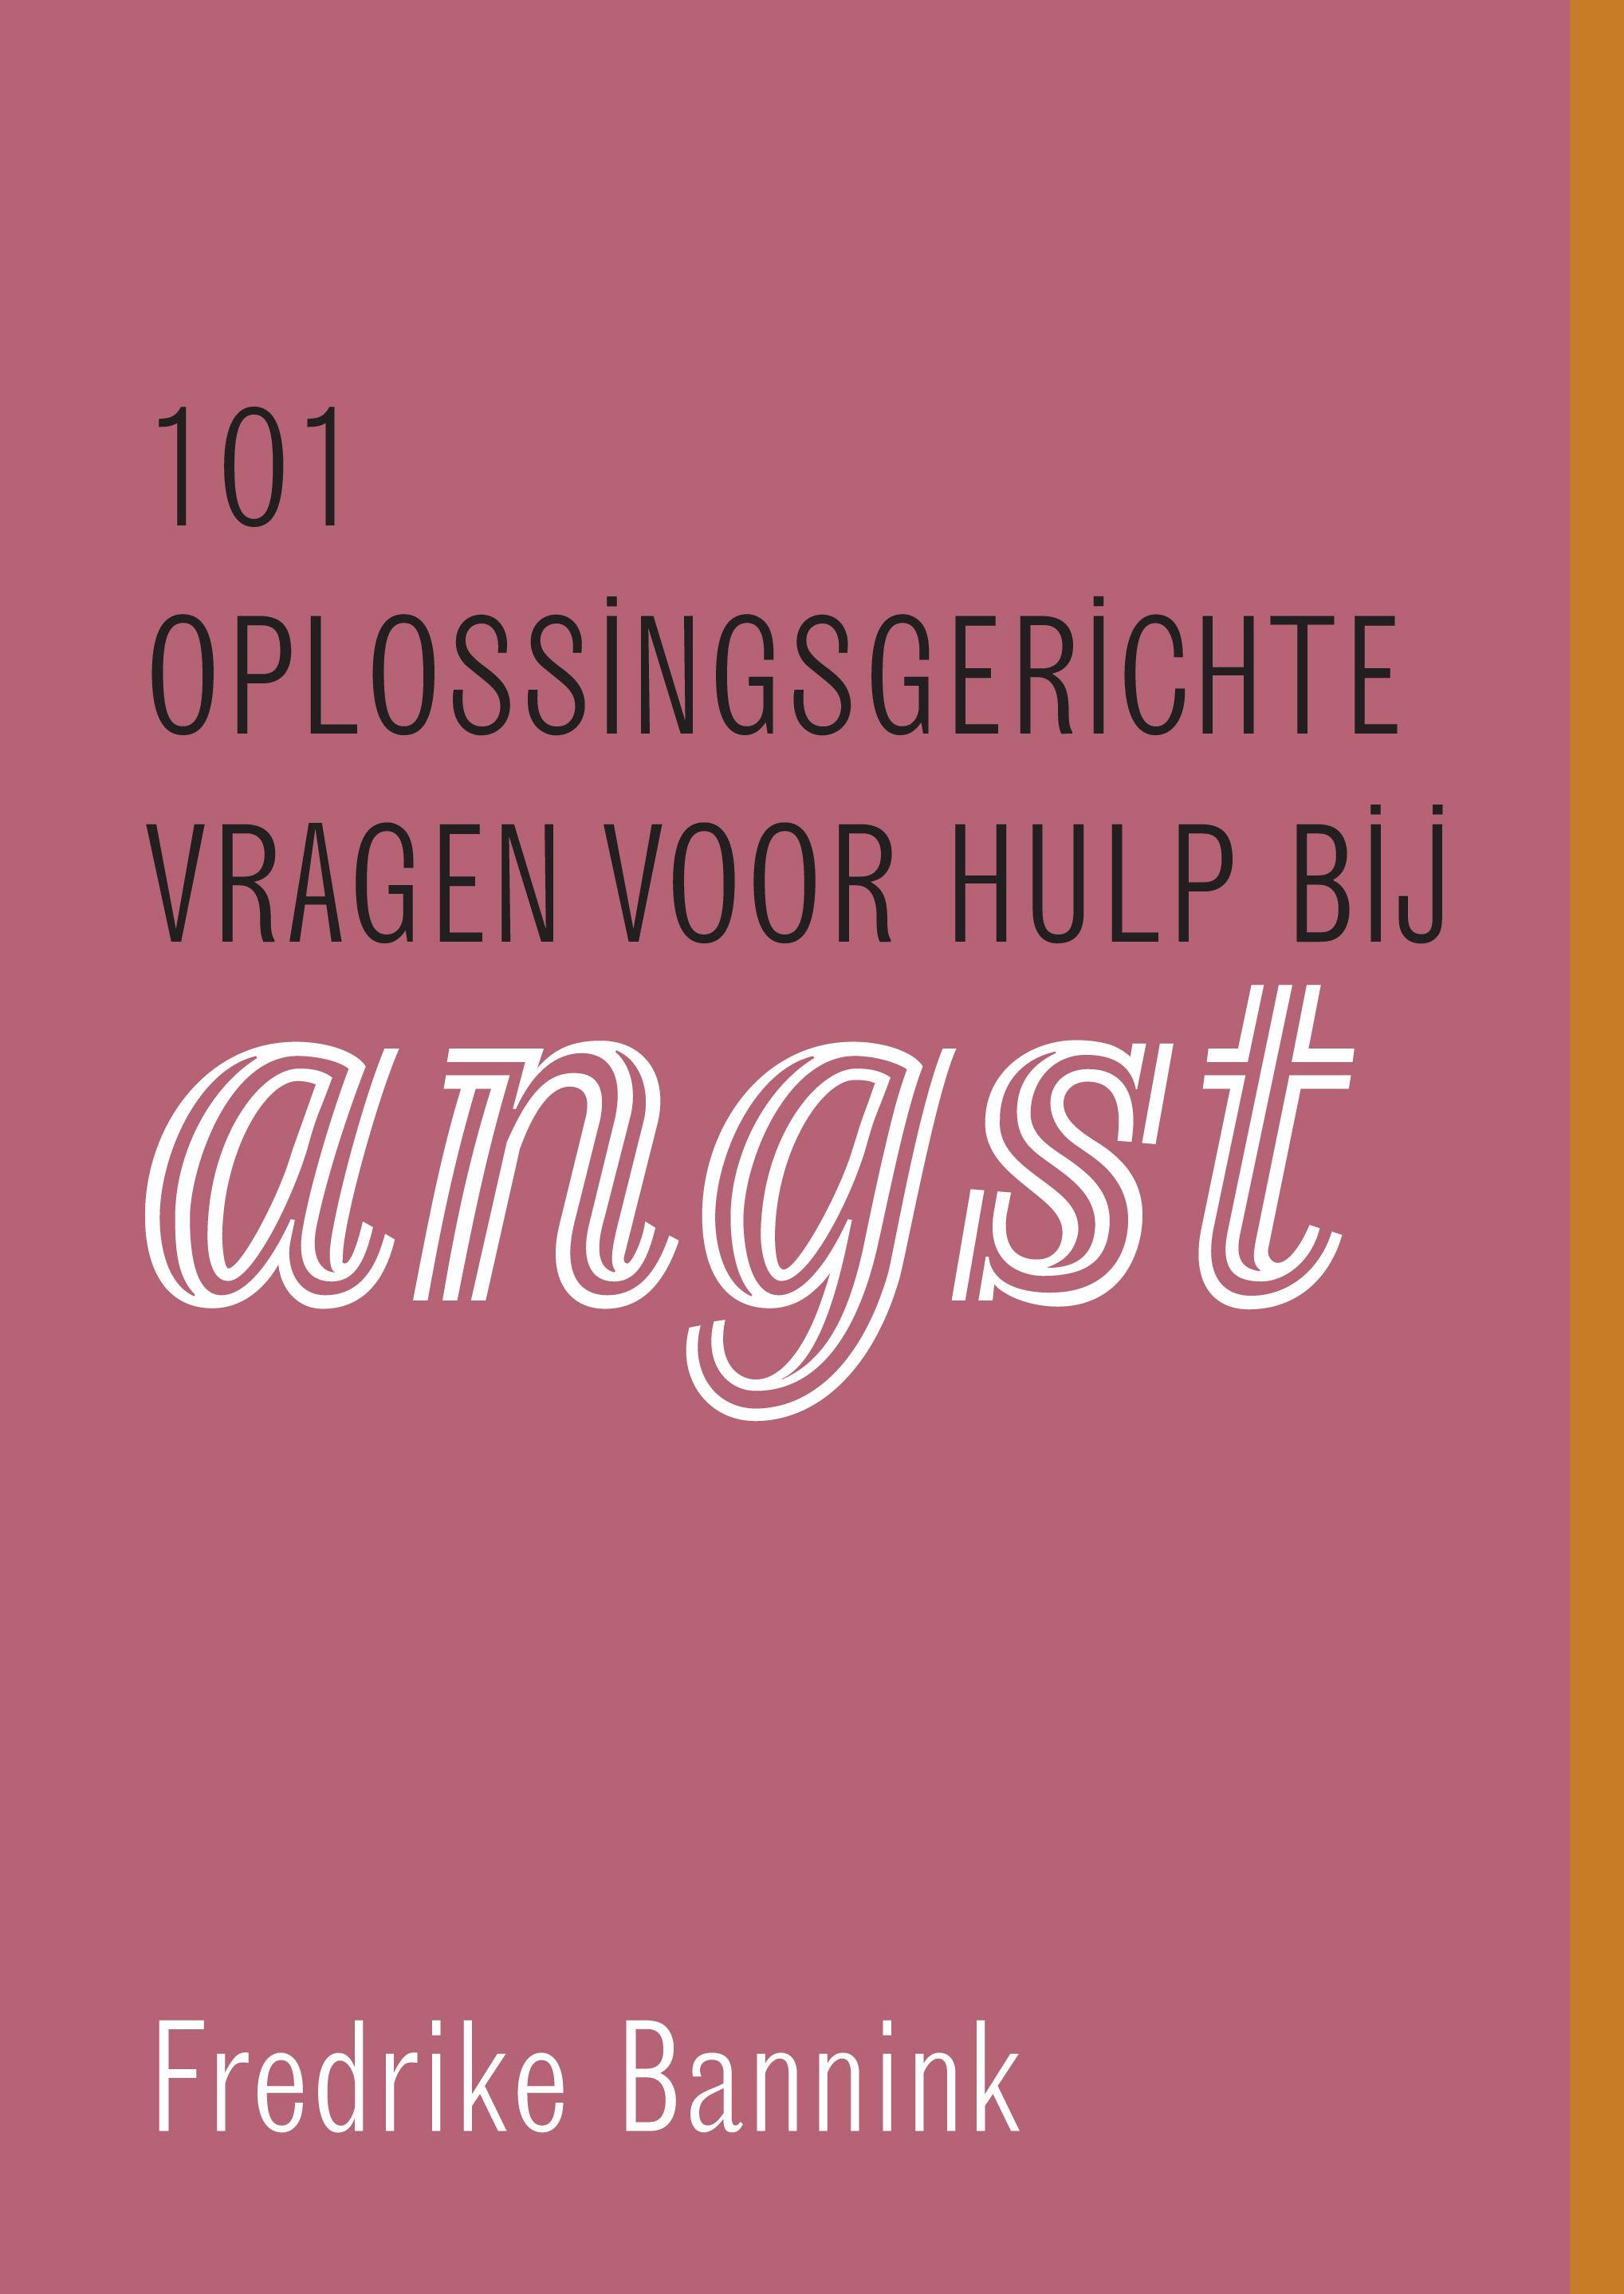 Cover image 101 oplossingsgerichte vragen voor hulp bij angst